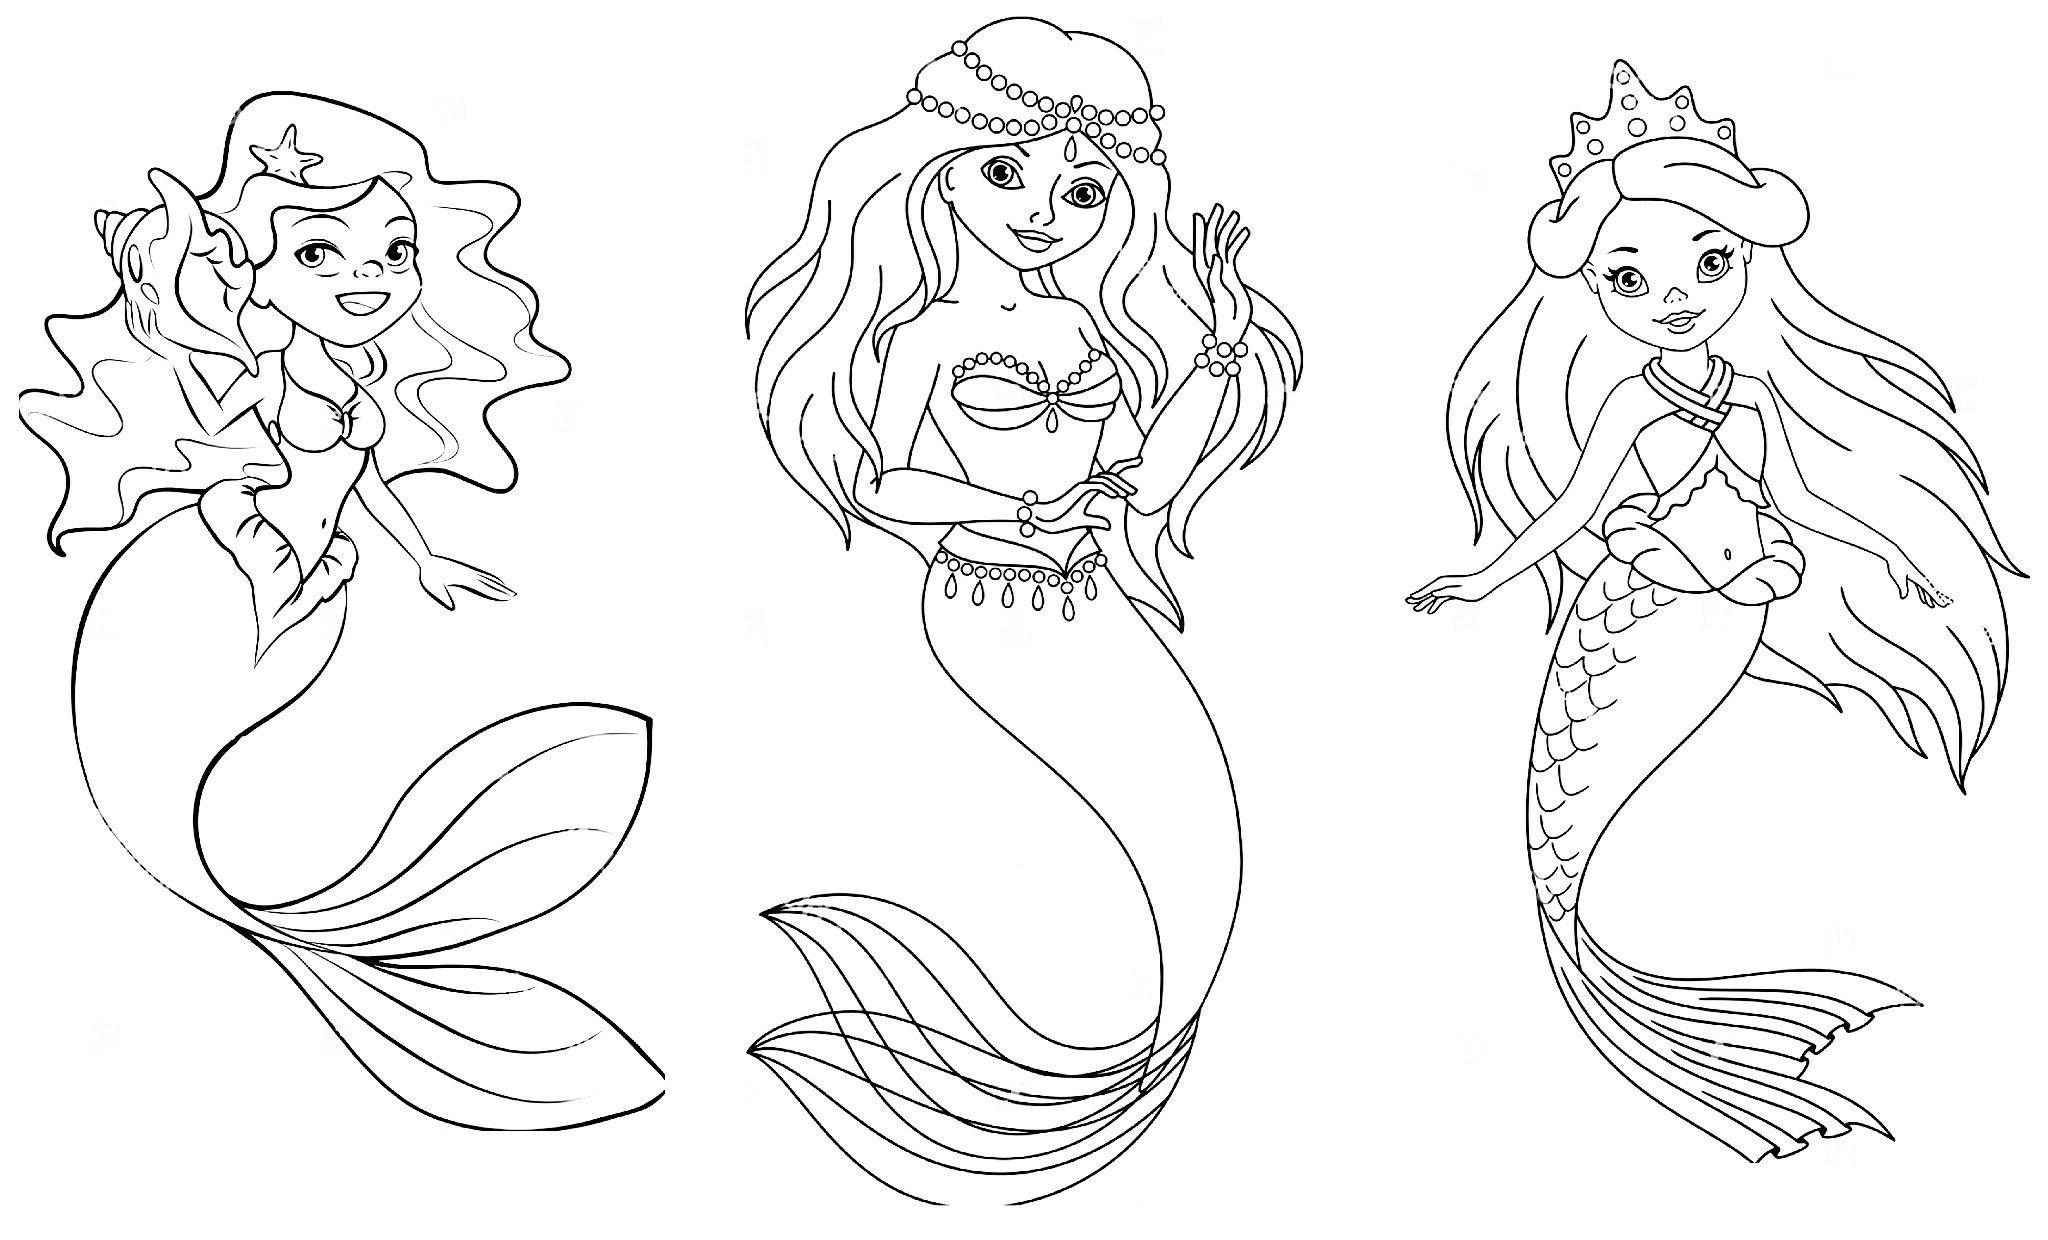 Sirenas Para Colorear 𝐃𝐢𝐛𝐮𝐣𝐨𝐬 𝐩𝐚𝐫𝐚 𝐢𝐦𝐩𝐫𝐢𝐦𝐢𝐫 𝐲